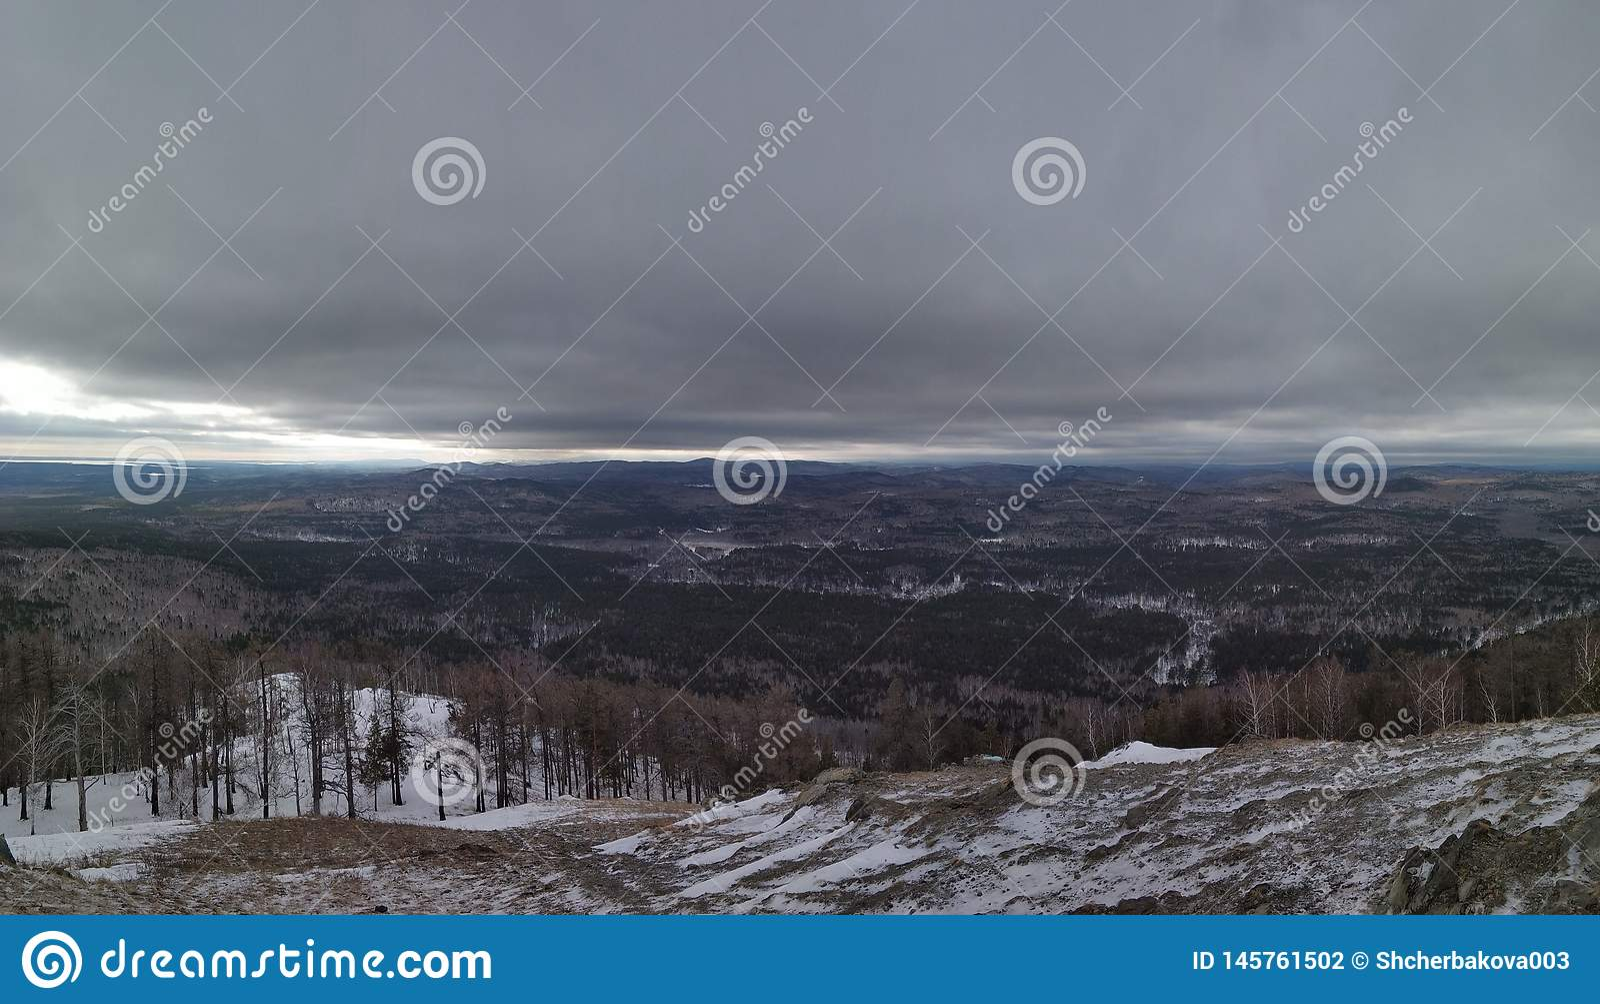 Paisagens do inverno na montanha nebulosa Sugomak do dia de Ural